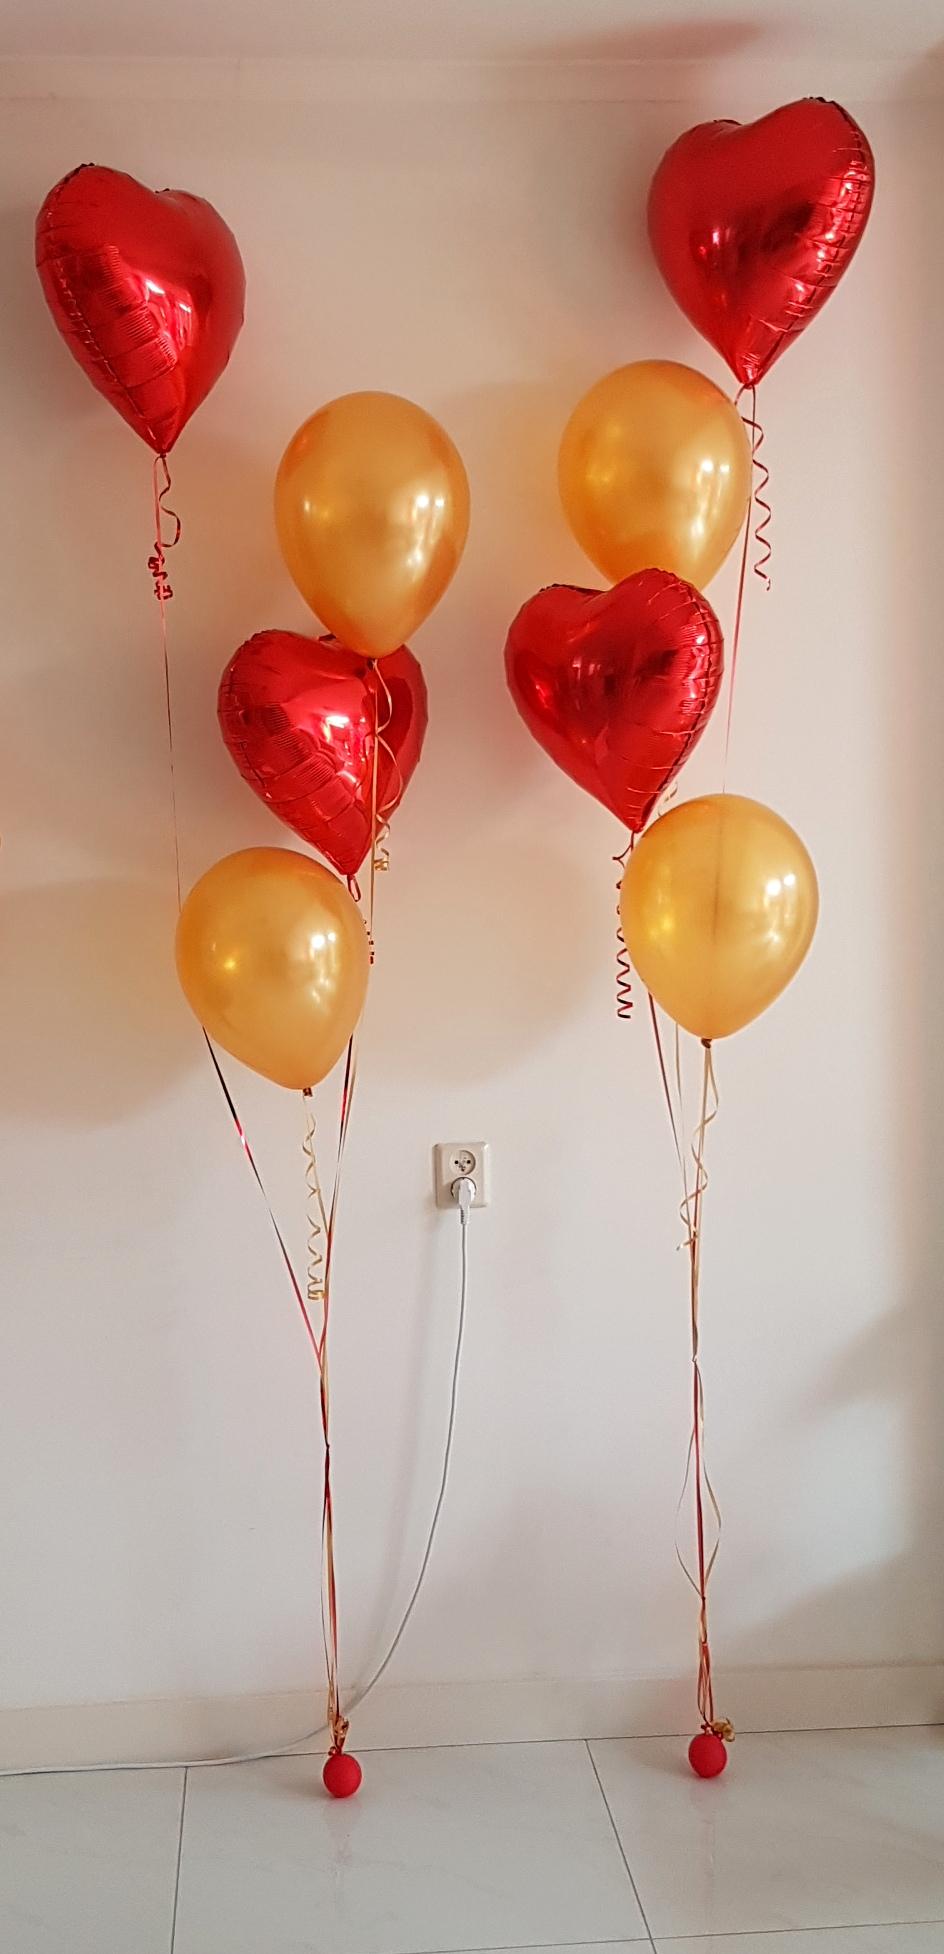 Heliumballonnen ballontrossen gronddecoratie vloerdecoratie tafeldecoratie trouwerij Balloon Styling Tilburg